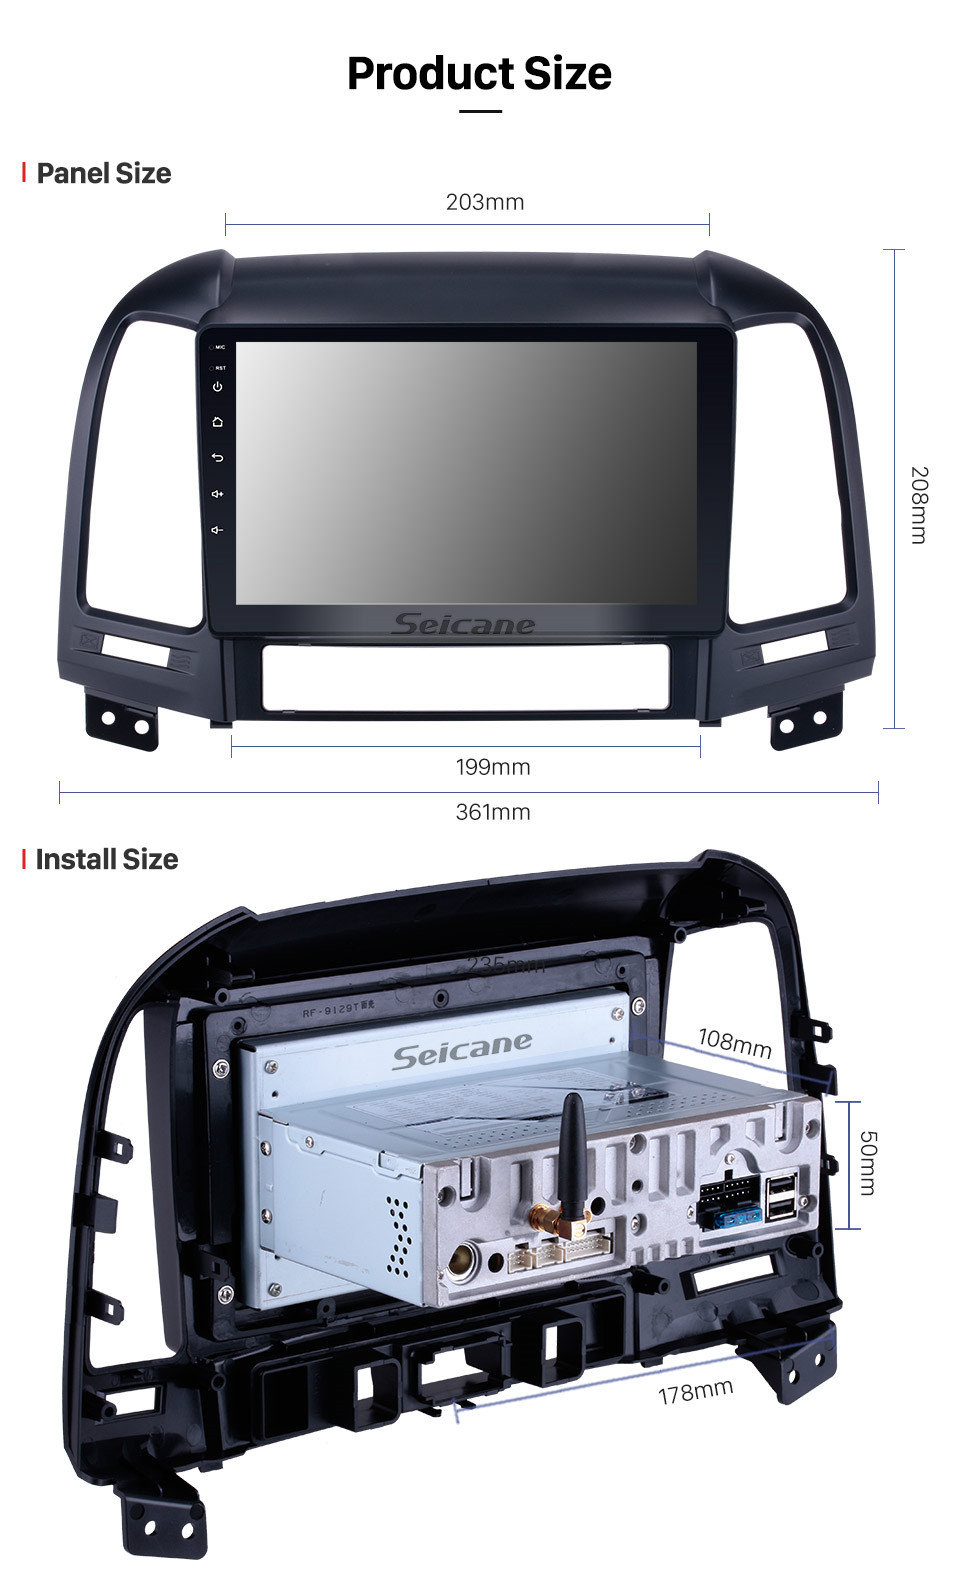 Seicane 2006-2012 Hyundai SANTA FE Mercado de accesorios Android 9.0 HD 1024*600 Pantalla táctil sistema de navegación Radio Bluetooth OBD2 DVR visión trasera cámara TV 1080P Vídeo 3G WIFI Control del volante GPS USB Reproductor DVD